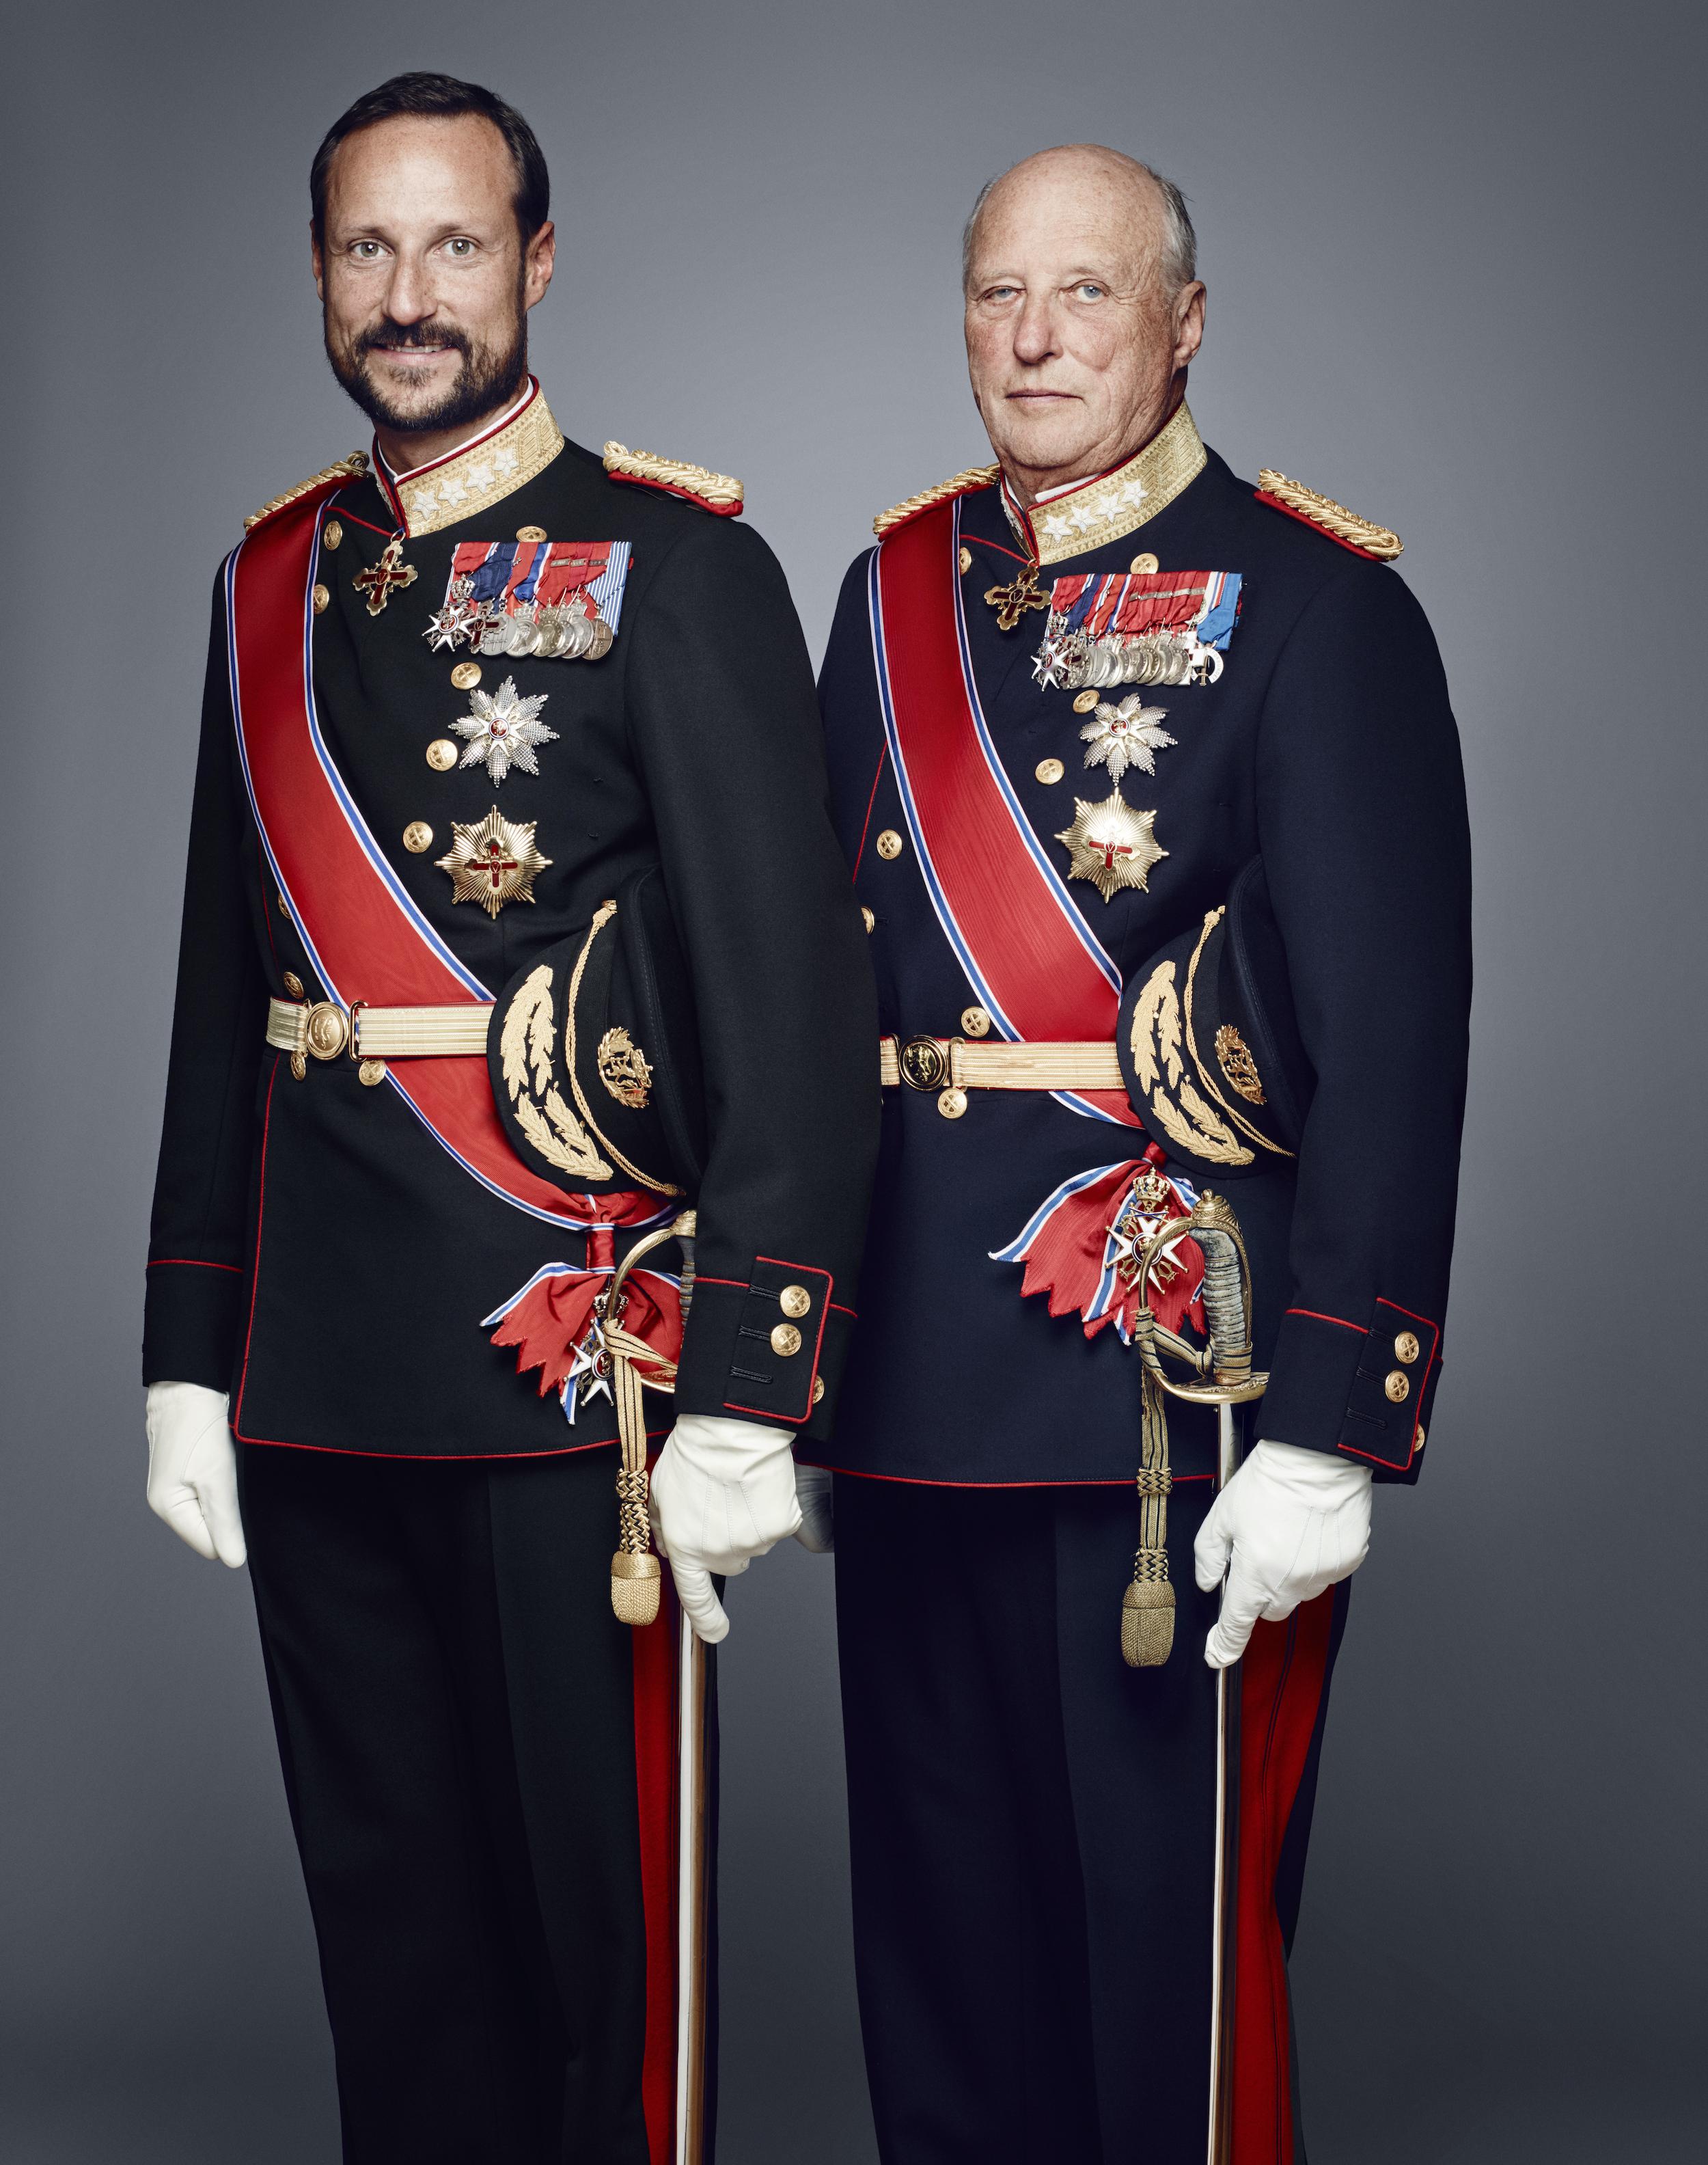 Kronprinz Haakon und König Harald von Norwegen.